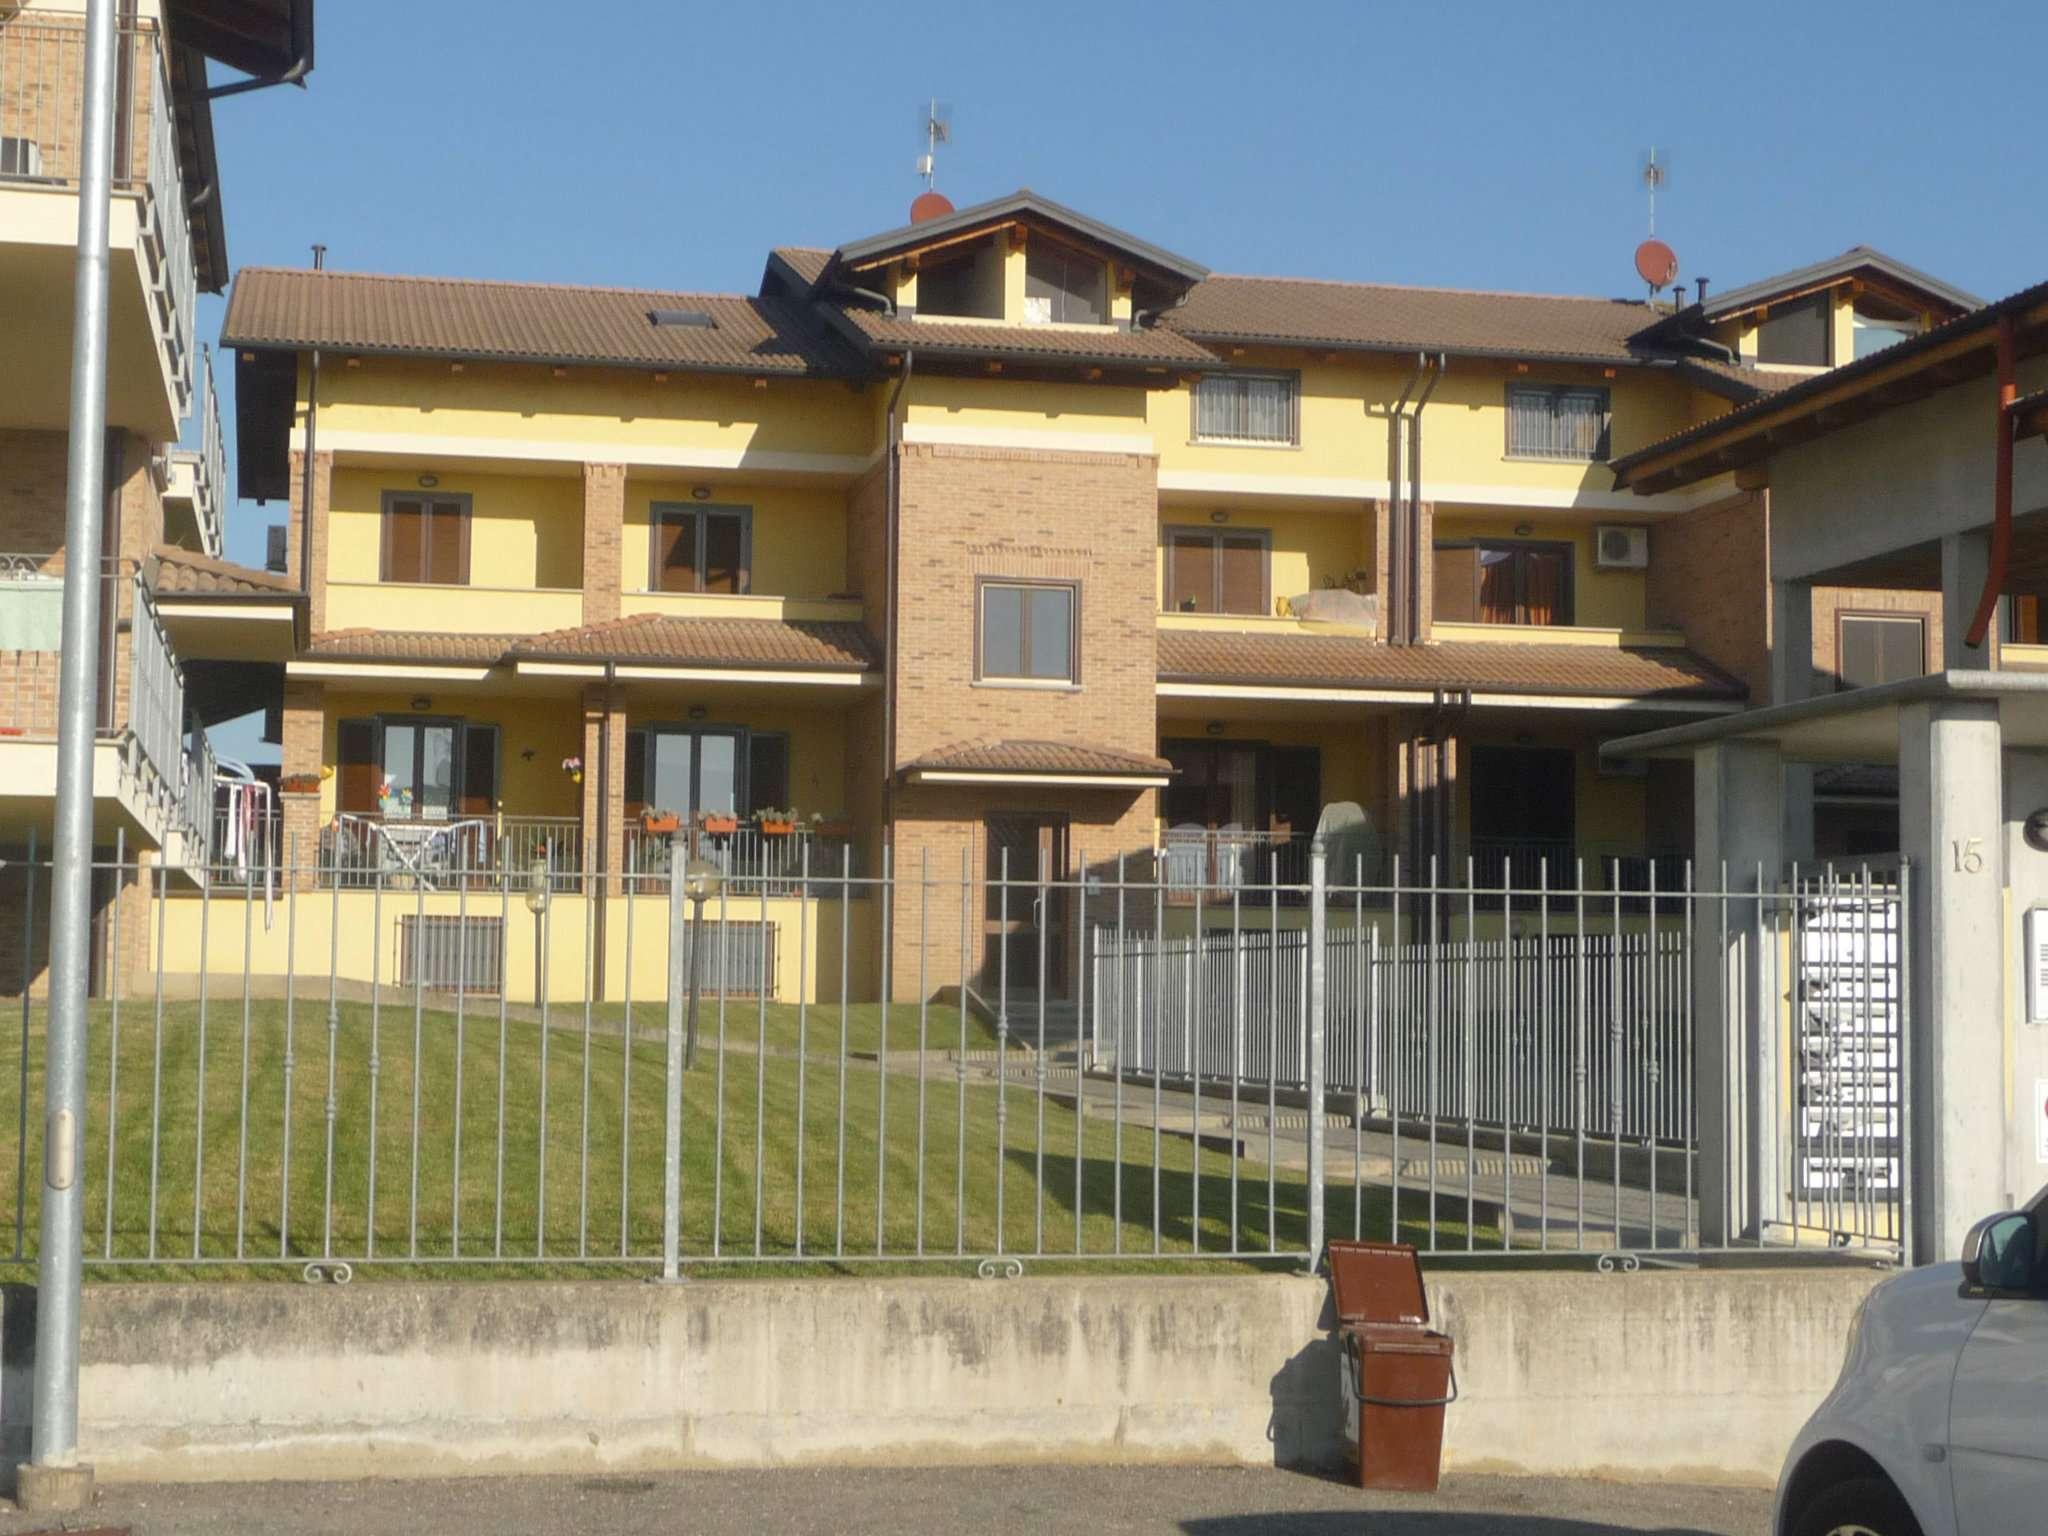 Appartamento in vendita a Casalgrasso, 3 locali, prezzo € 105.000 | CambioCasa.it